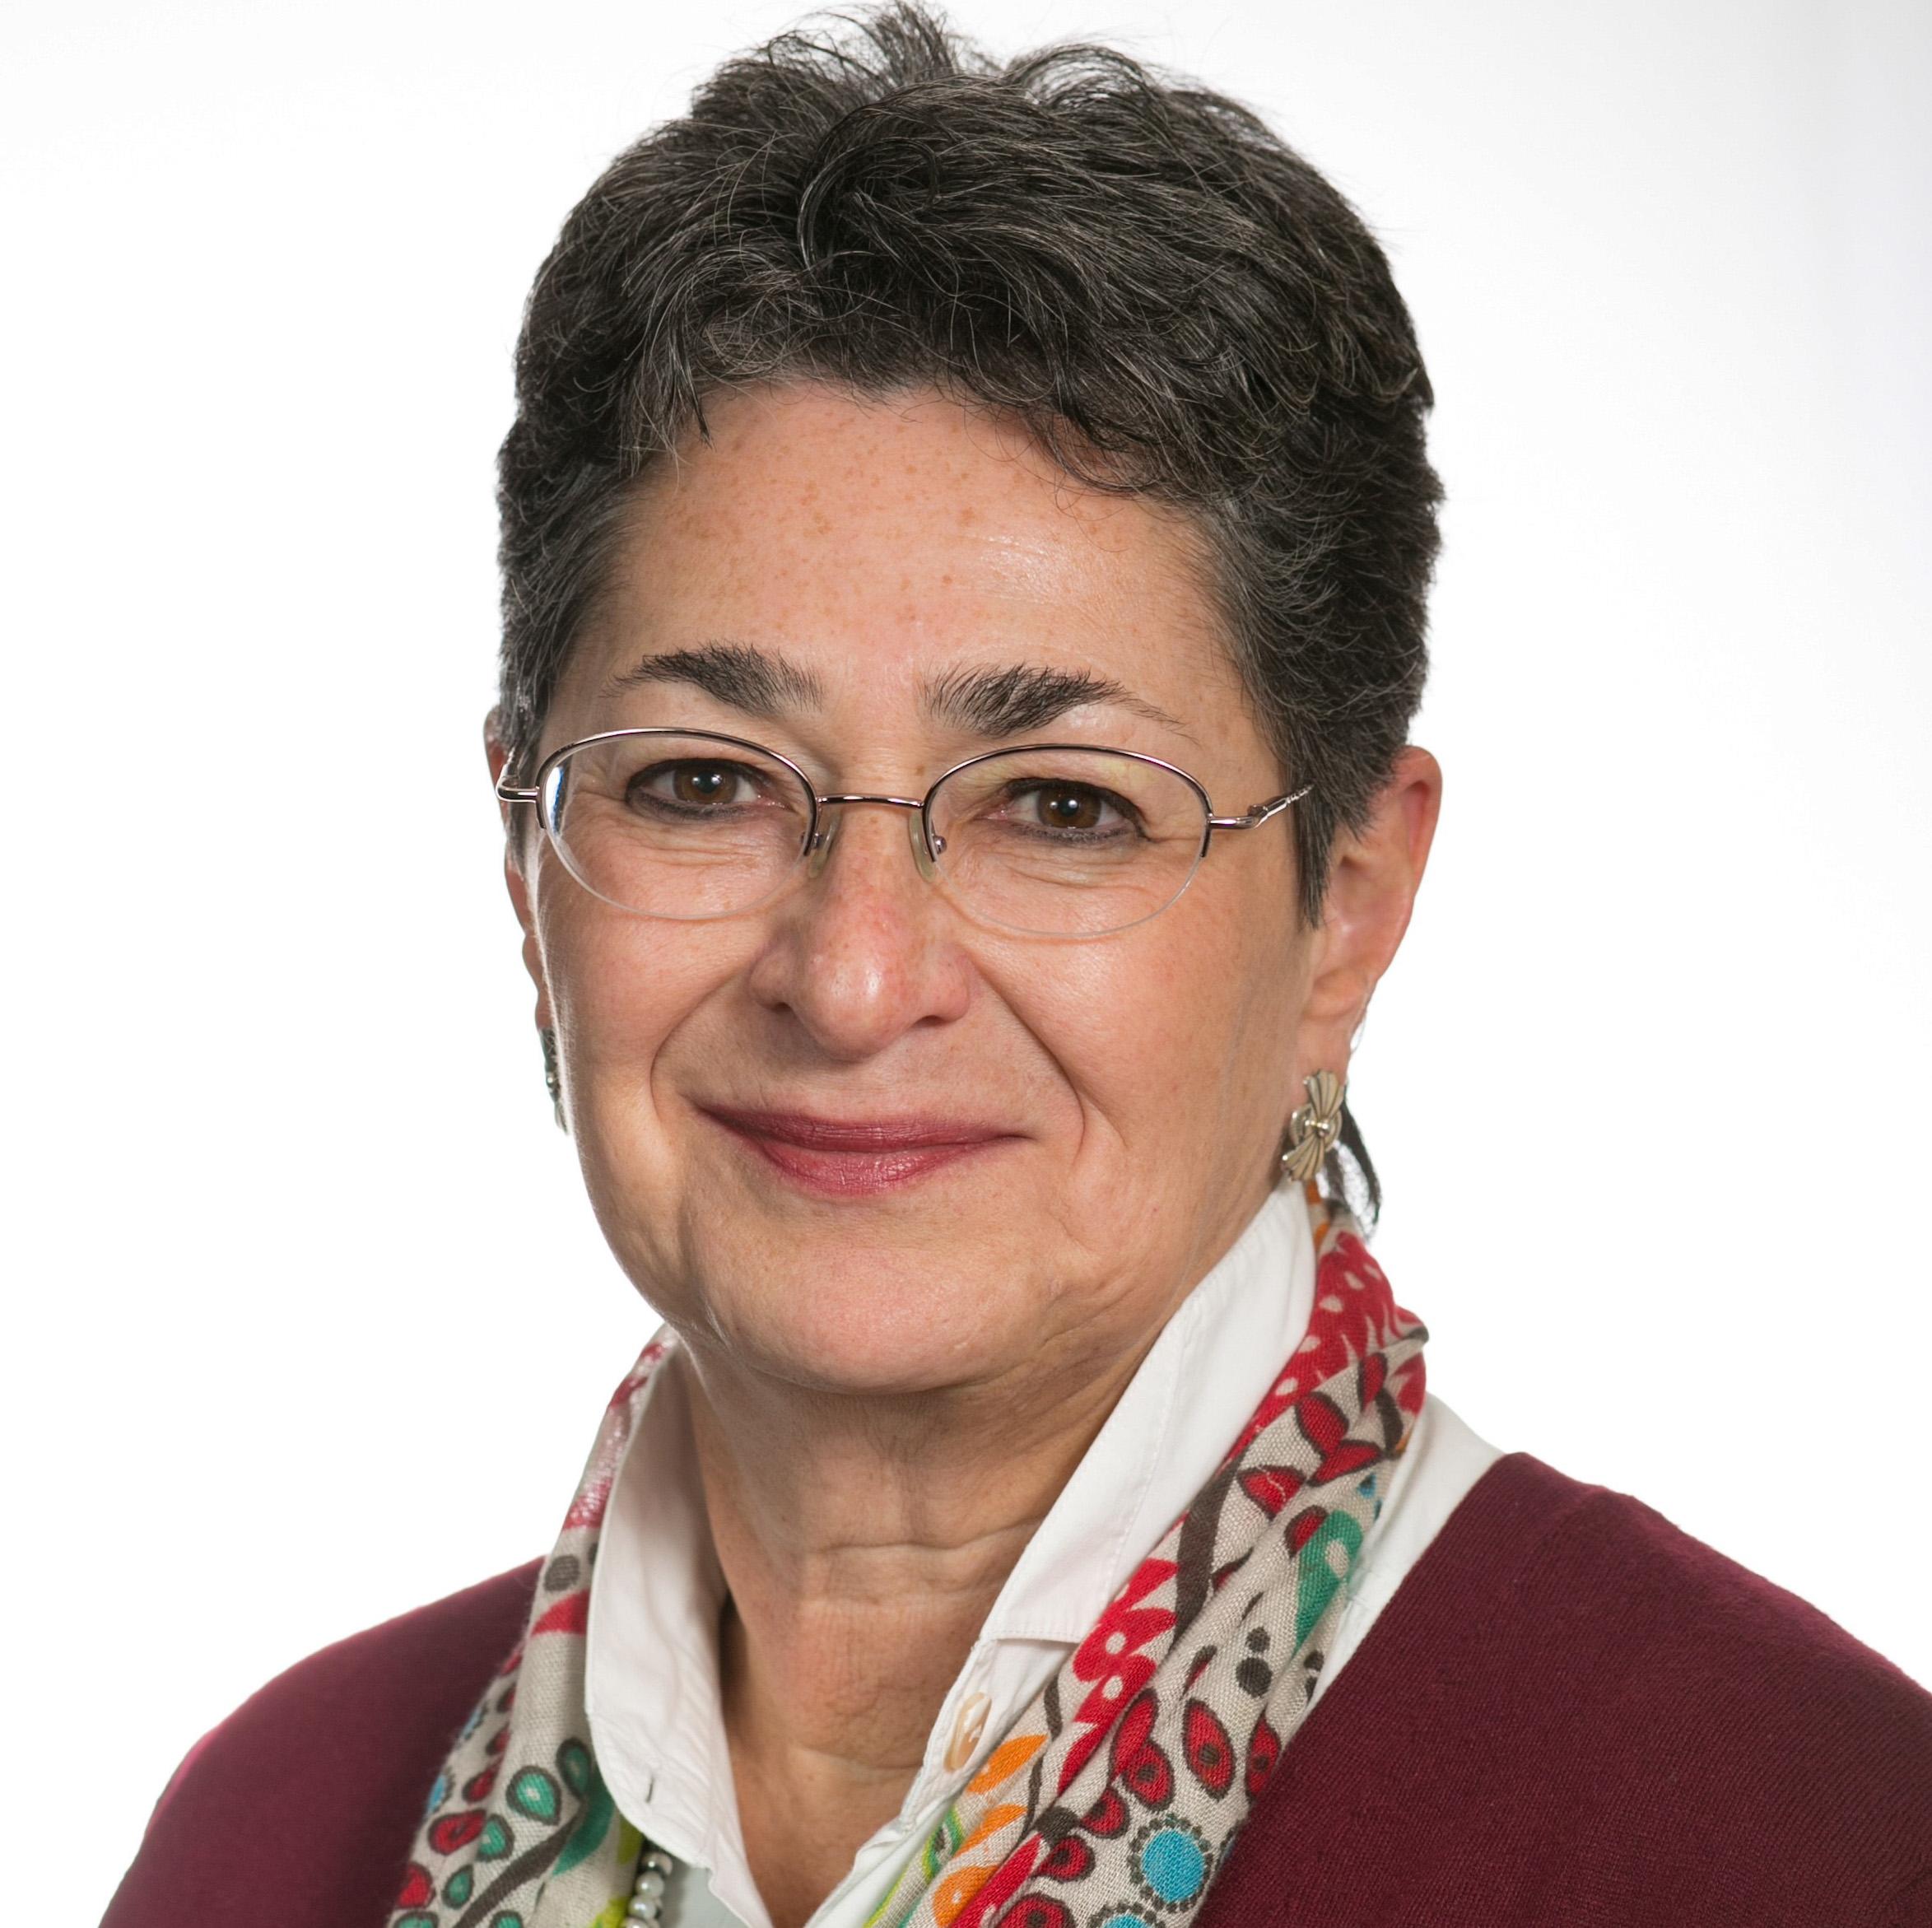 Alison Silverstein